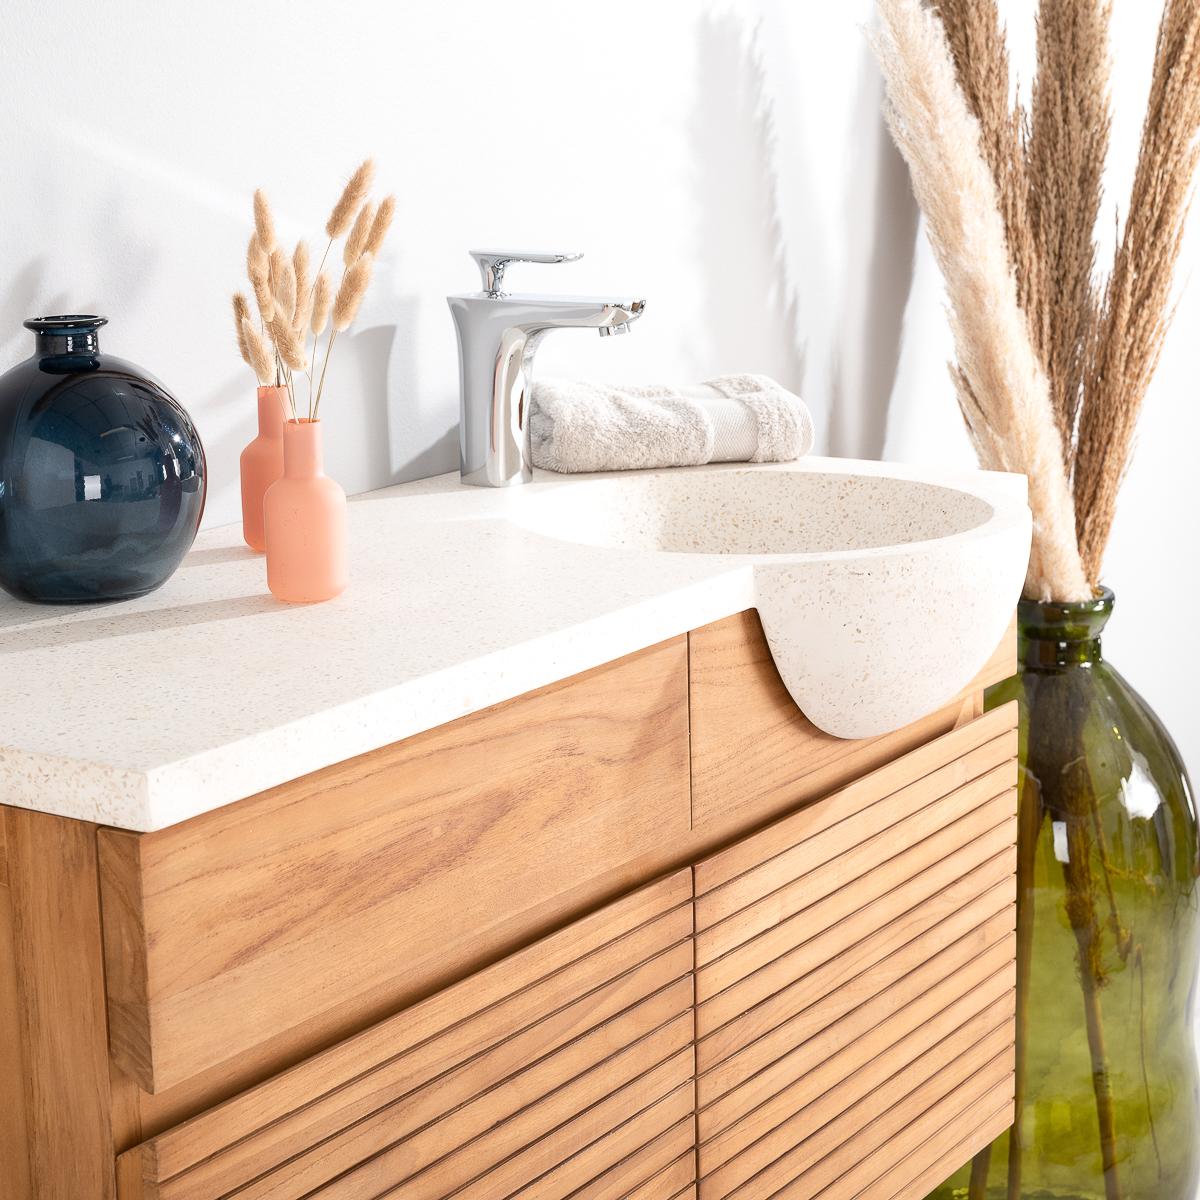 meuble salle de bain meuble suspendu teck avec vasque pierre cr me 1 m. Black Bedroom Furniture Sets. Home Design Ideas